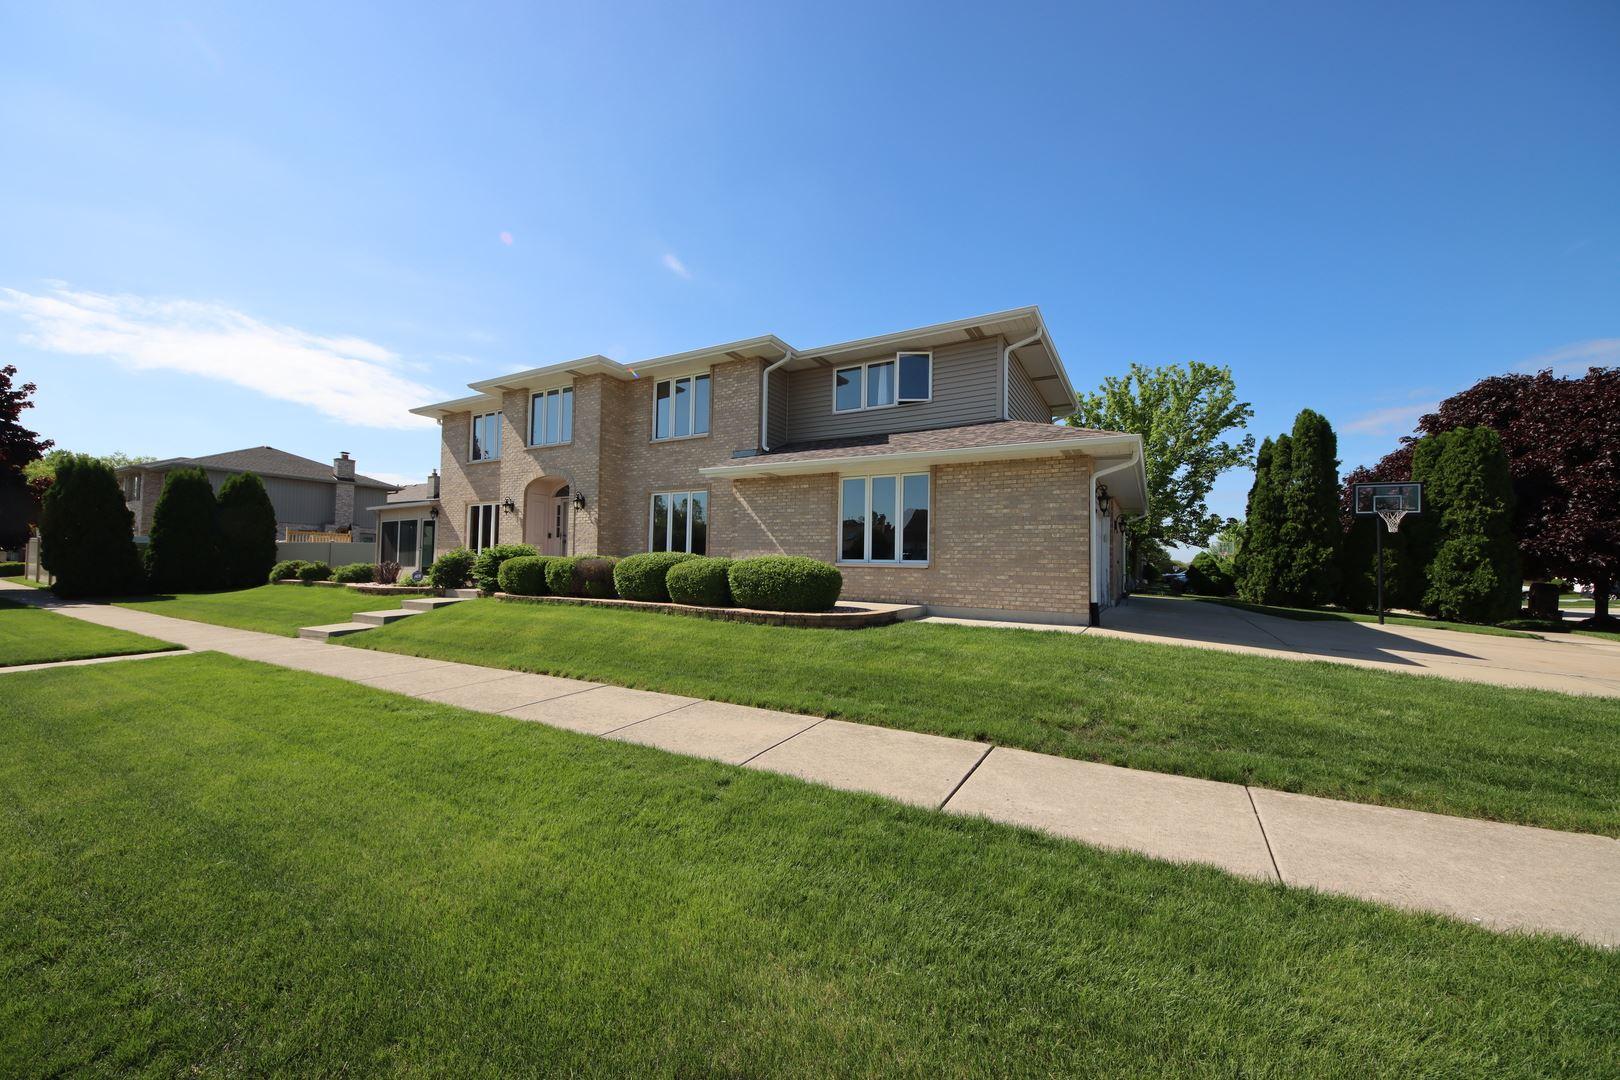 10844 Lorel Avenue, Oak Lawn, IL 60453 - #: 10724500